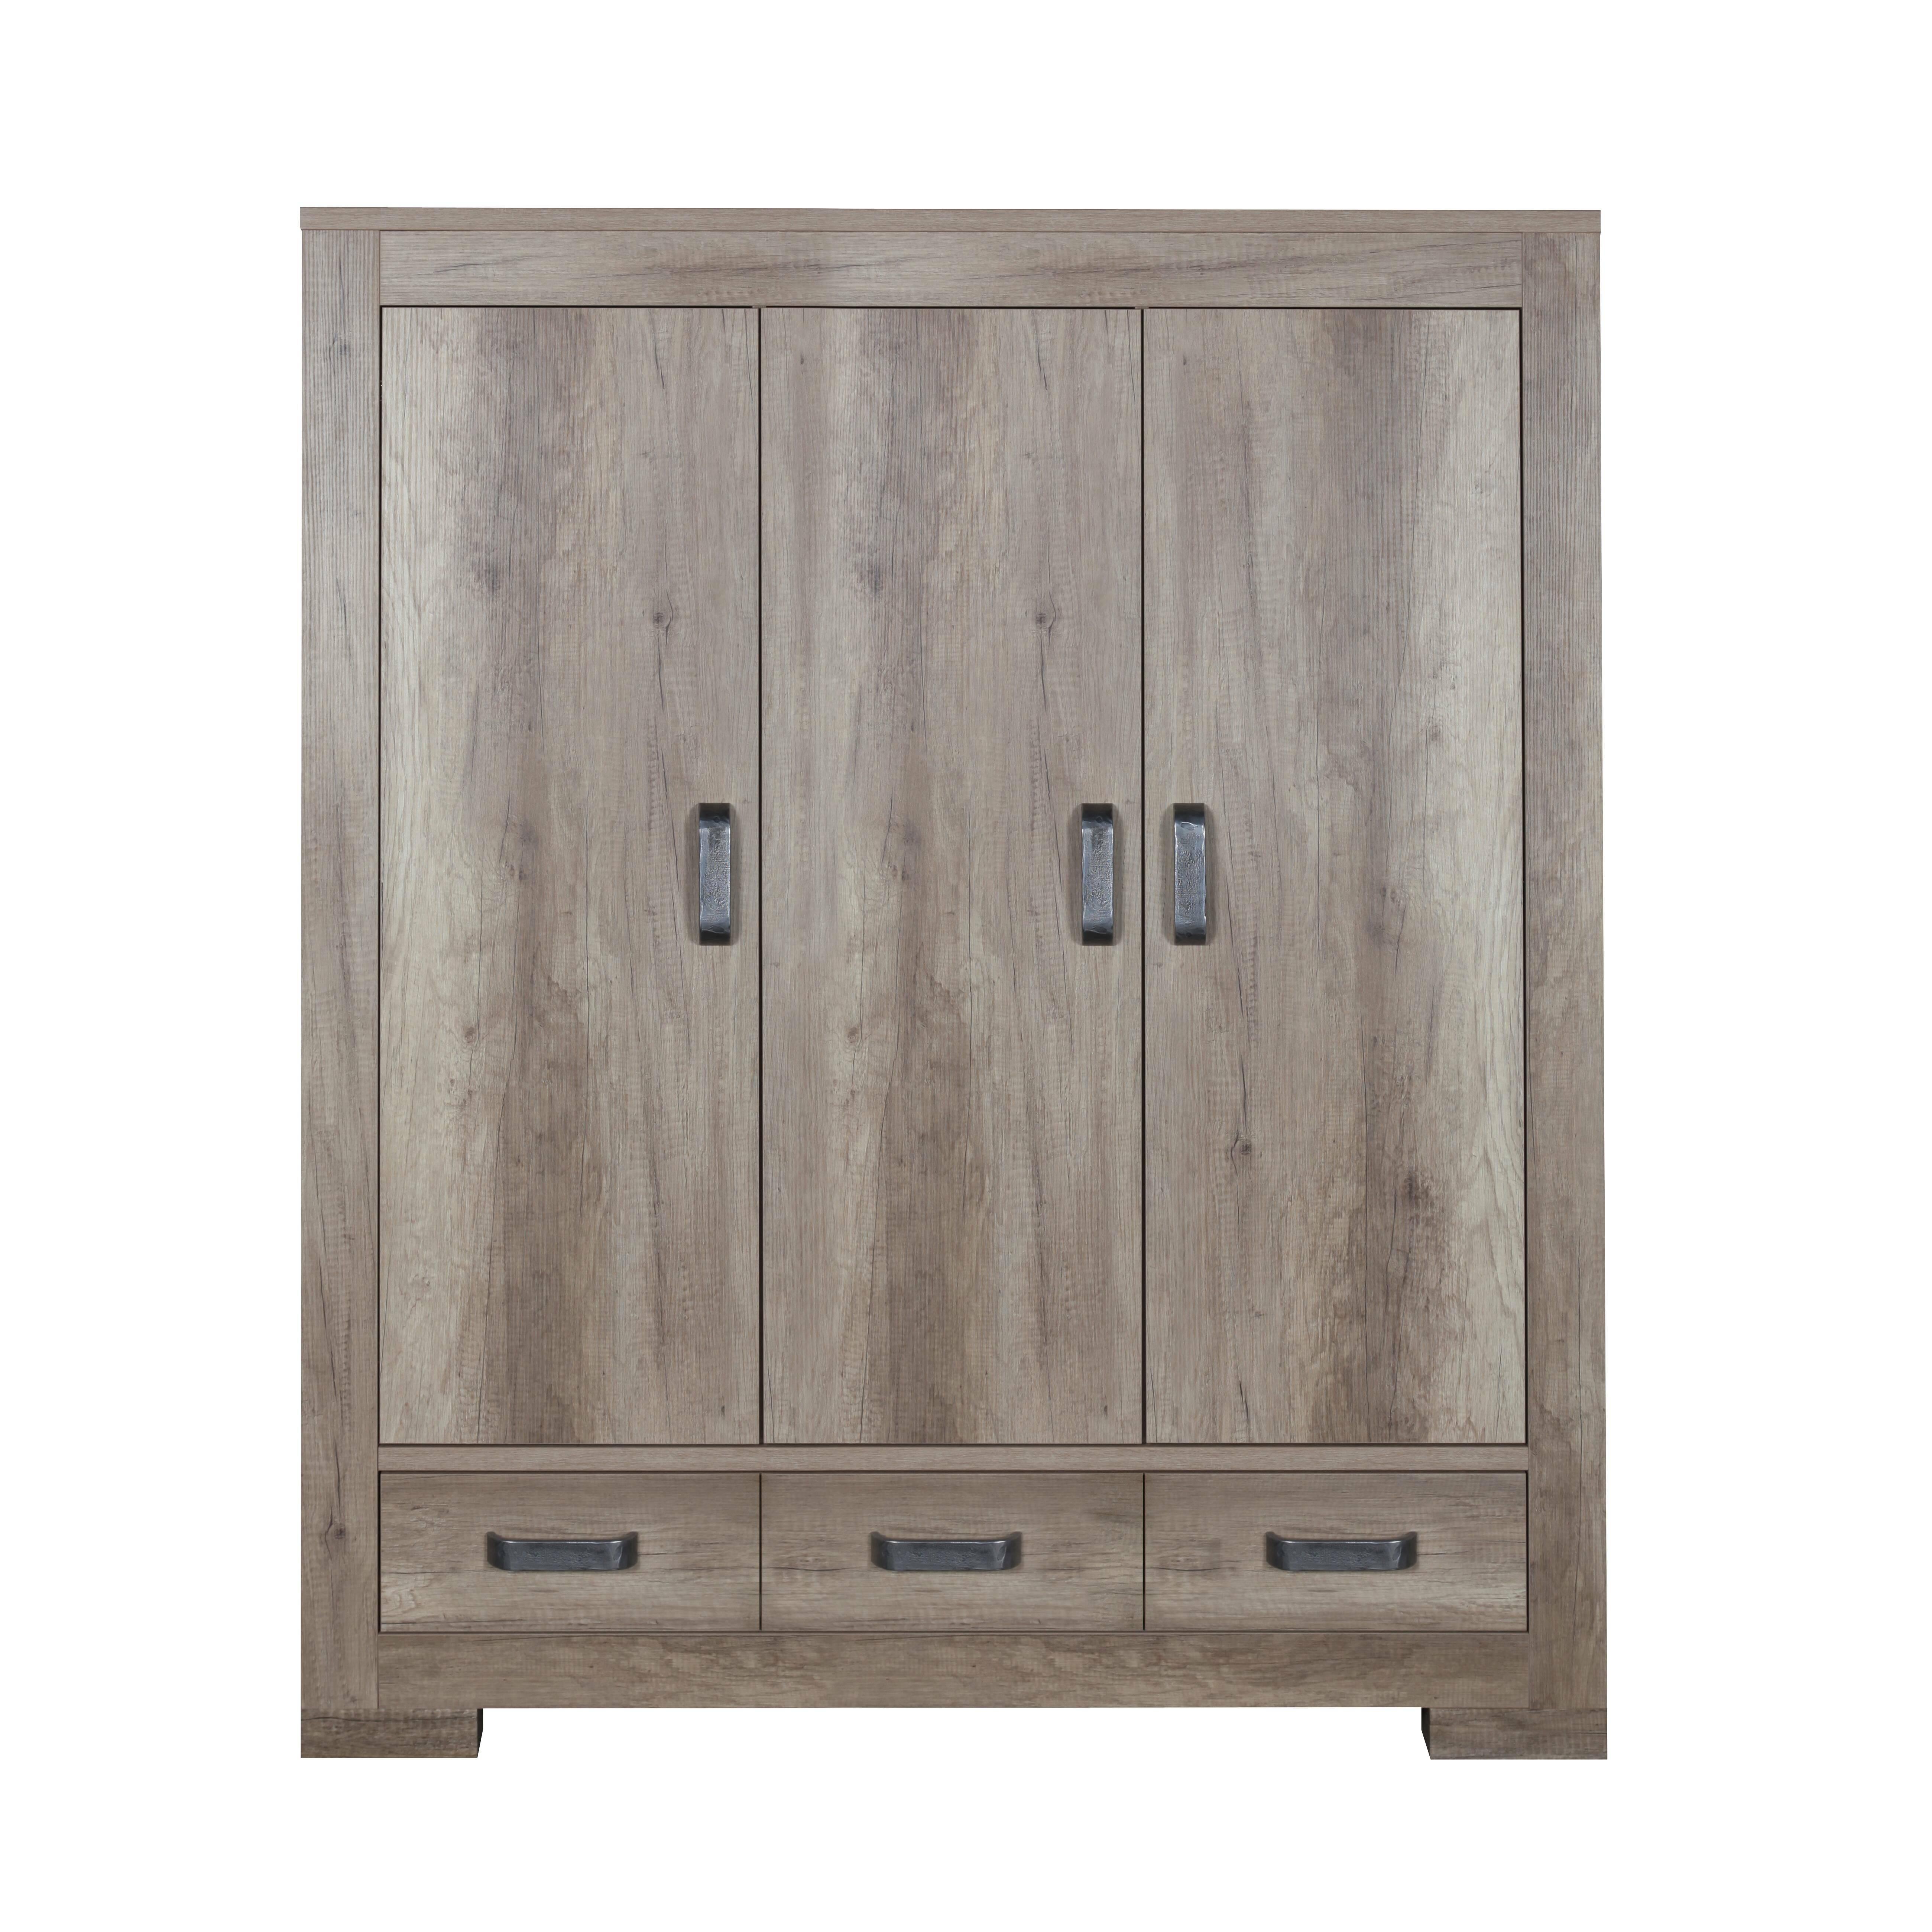 Шкаф Lodge, ширина 150Мебель для детей<br><br><br>stock: 0<br>Высота: 185<br>Ширина: 150<br>Глубина: 52<br>Материал каркаса: Меламин<br>Цвет каркаса: Серый дуб